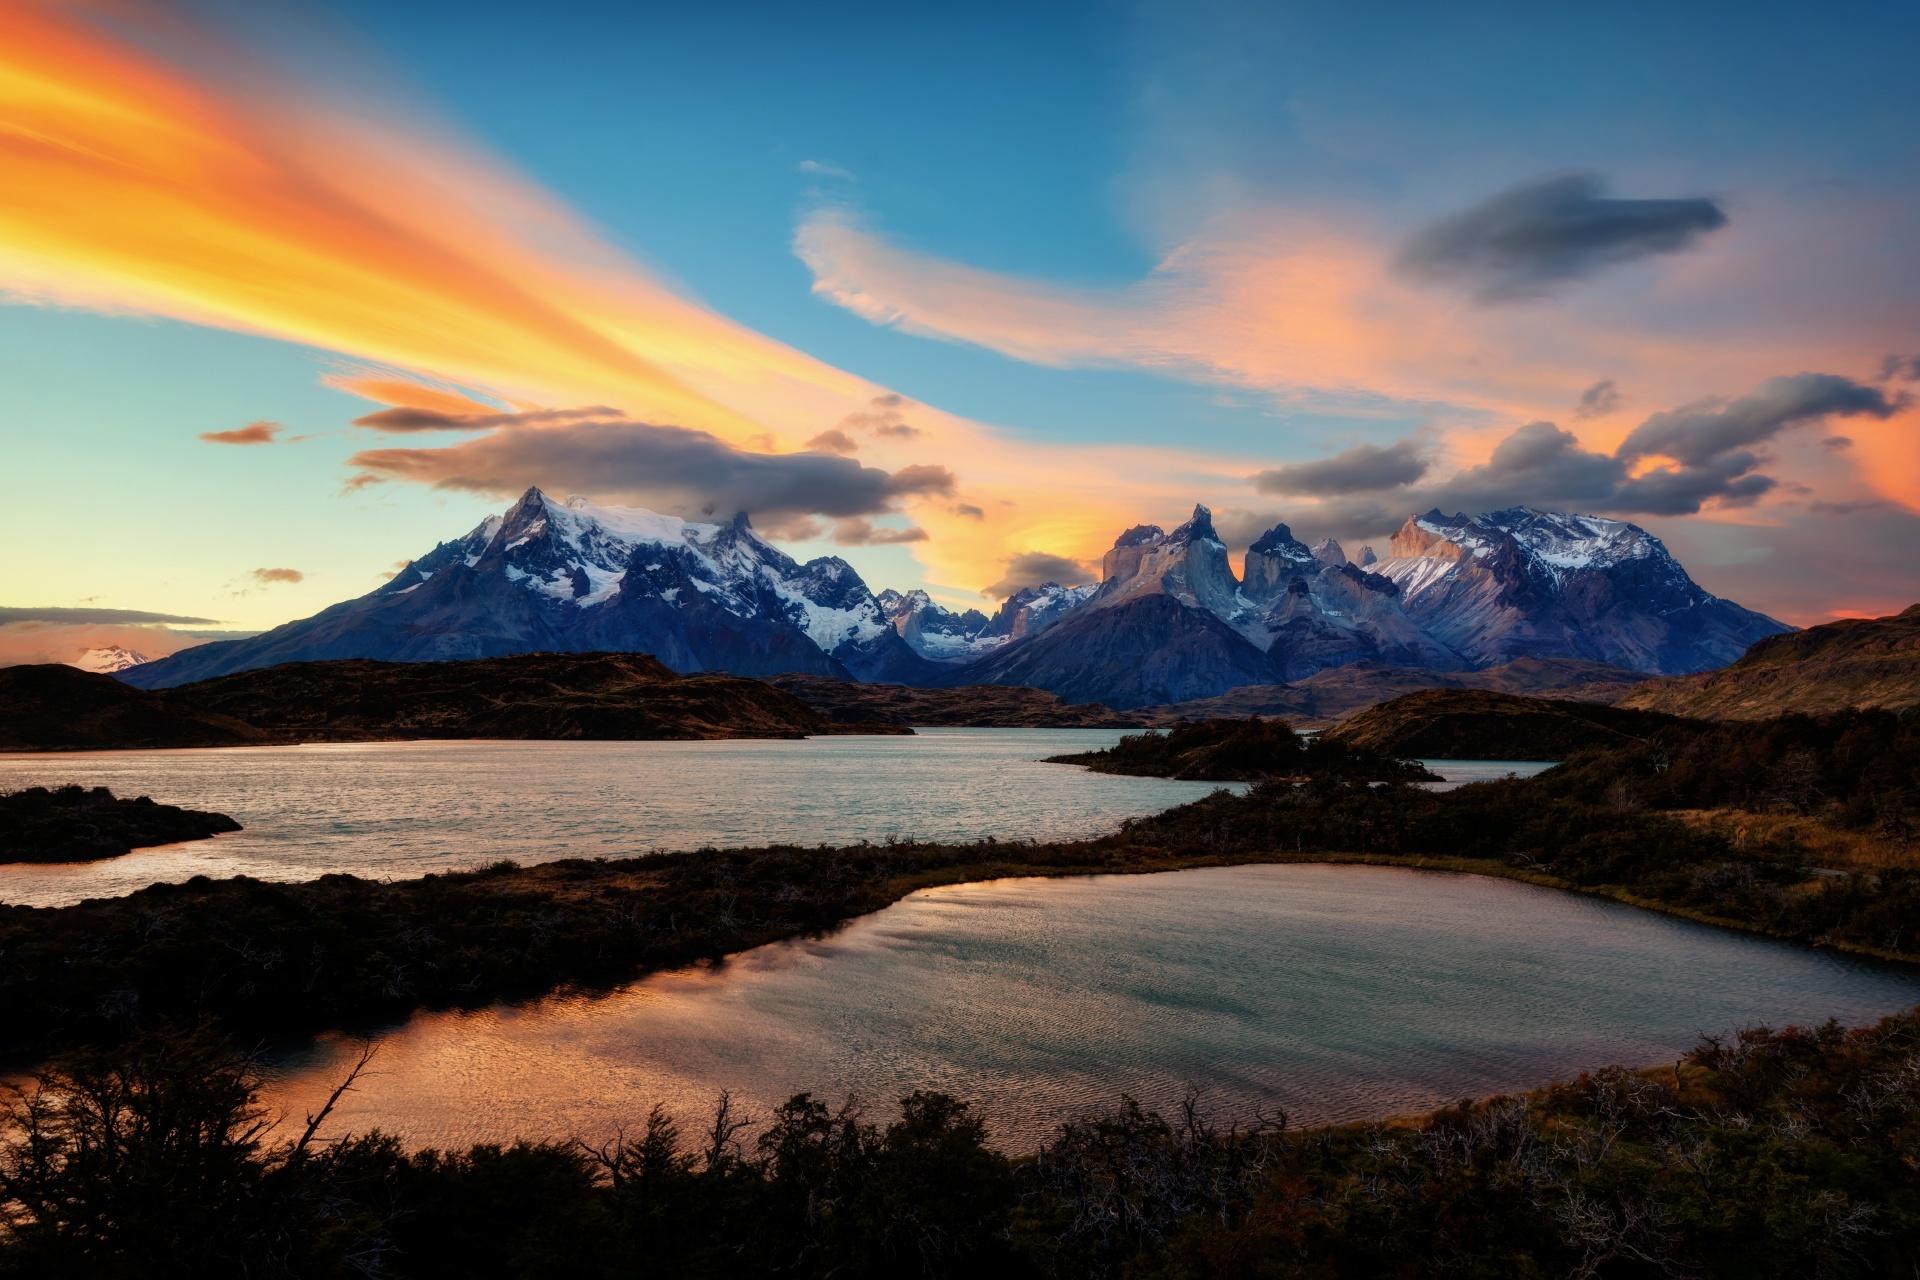 日の出のトレス・デル・パイネ国立公園の風景 チリの風景